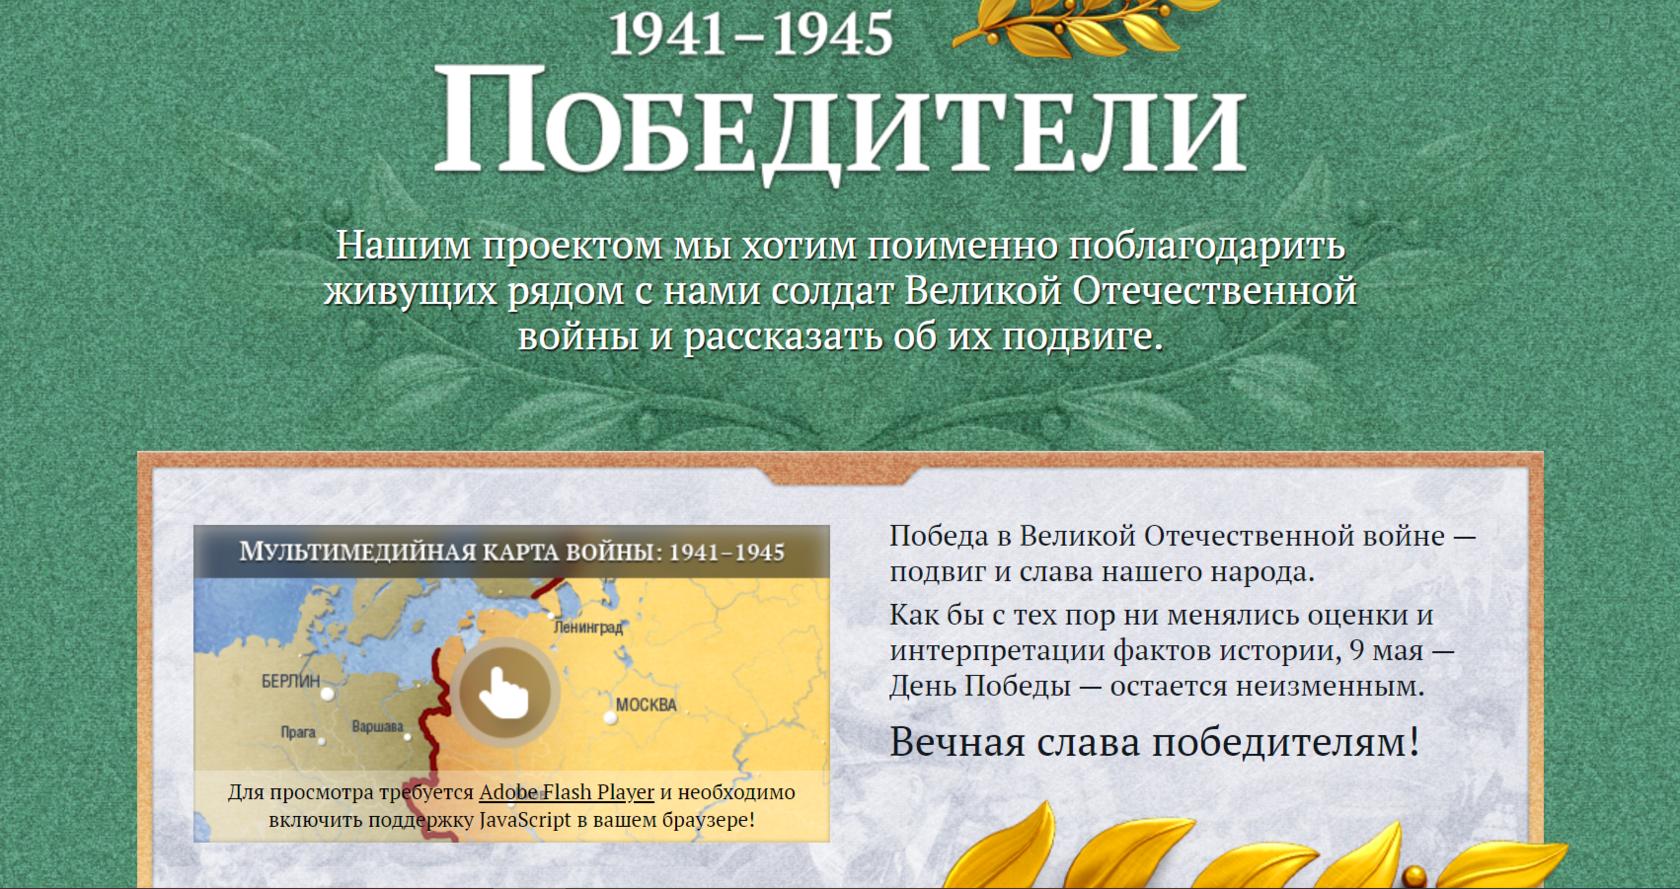 Обд мемориал база данных погибших и пропавших без вести